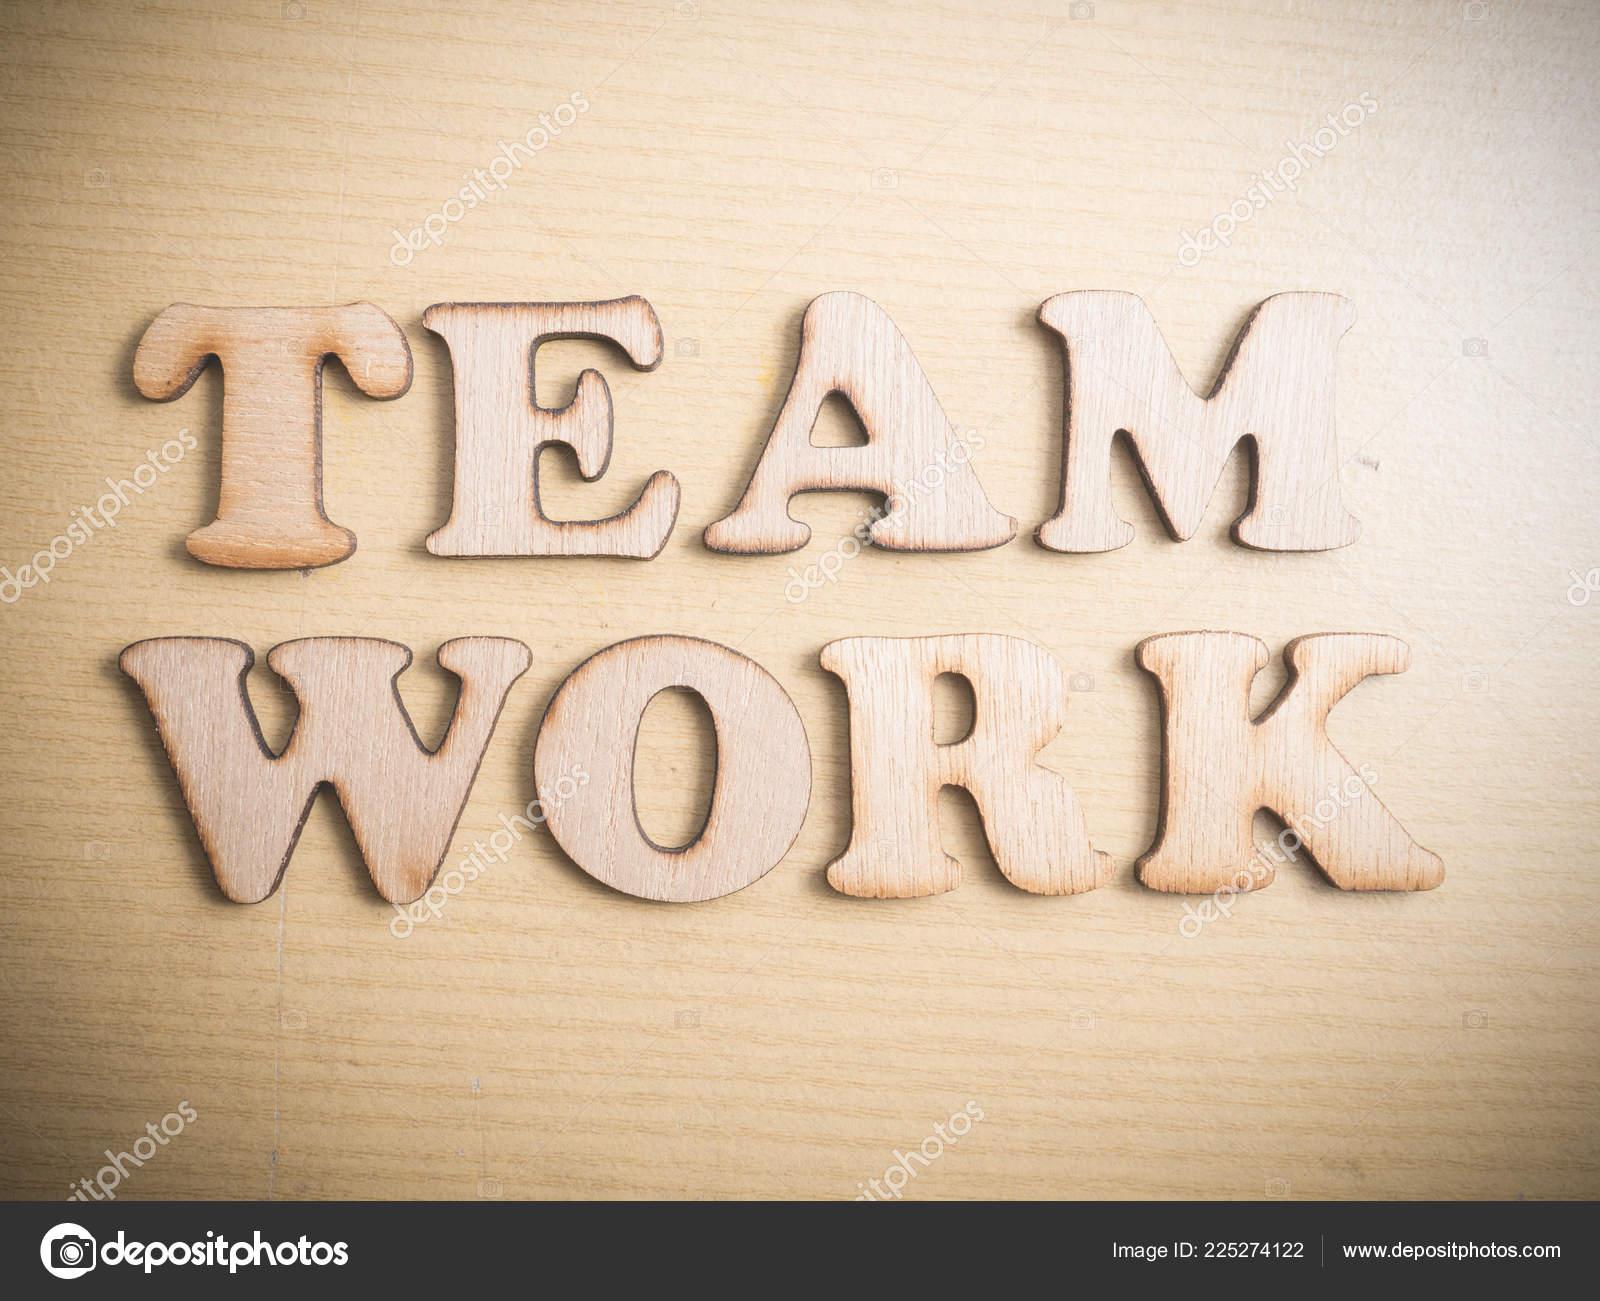 Equipe Trabalho Equipe Motivacional Citações Inspiradoras